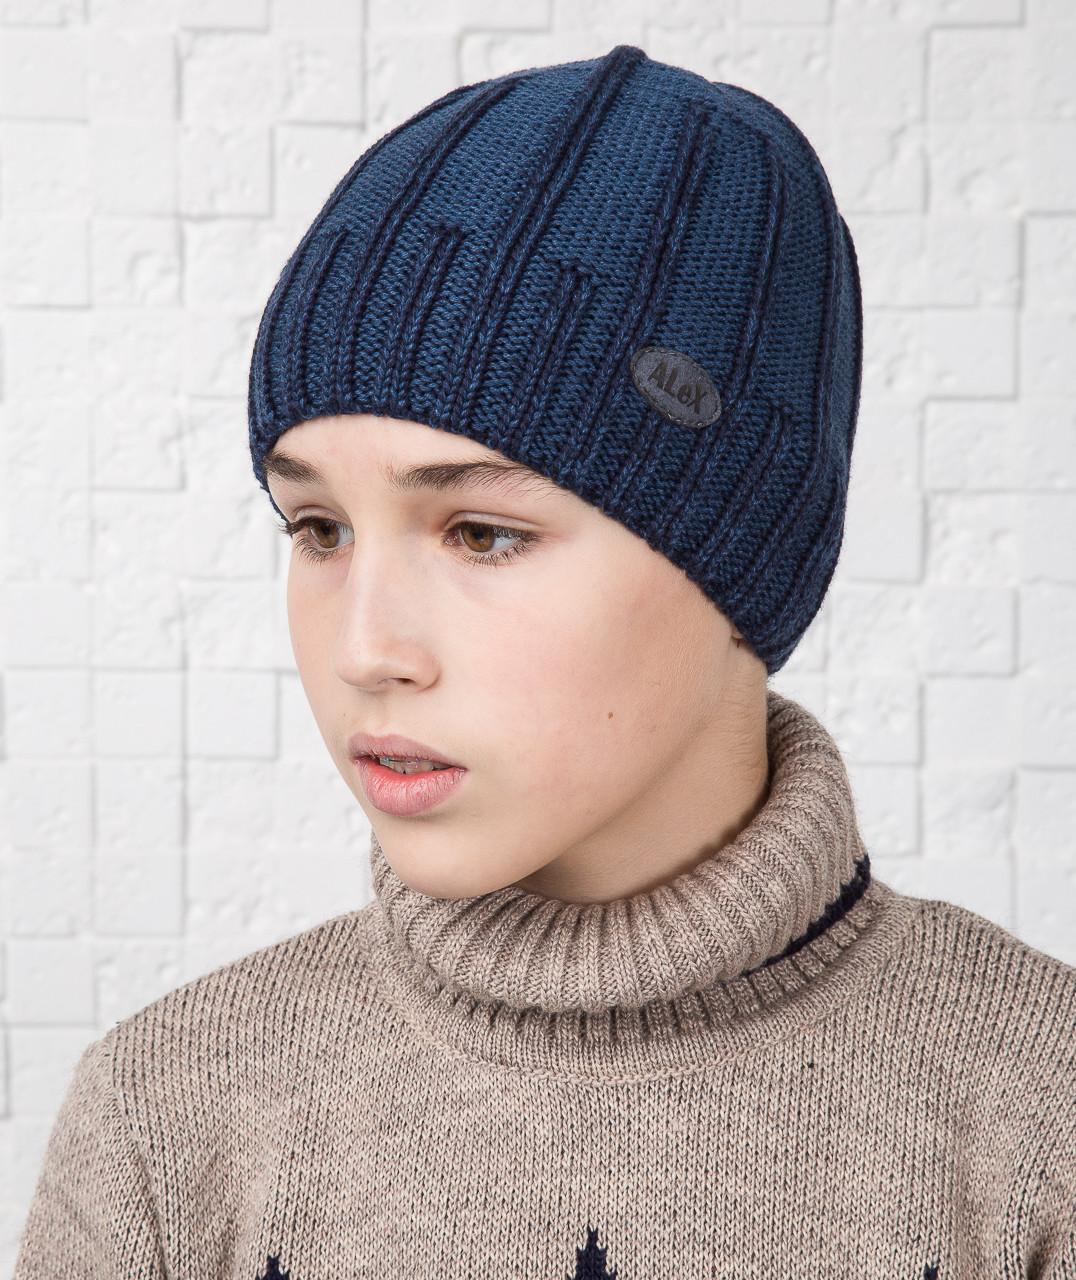 Вязаная шапка для мальчика подростка на флисе - Артикул AL17038